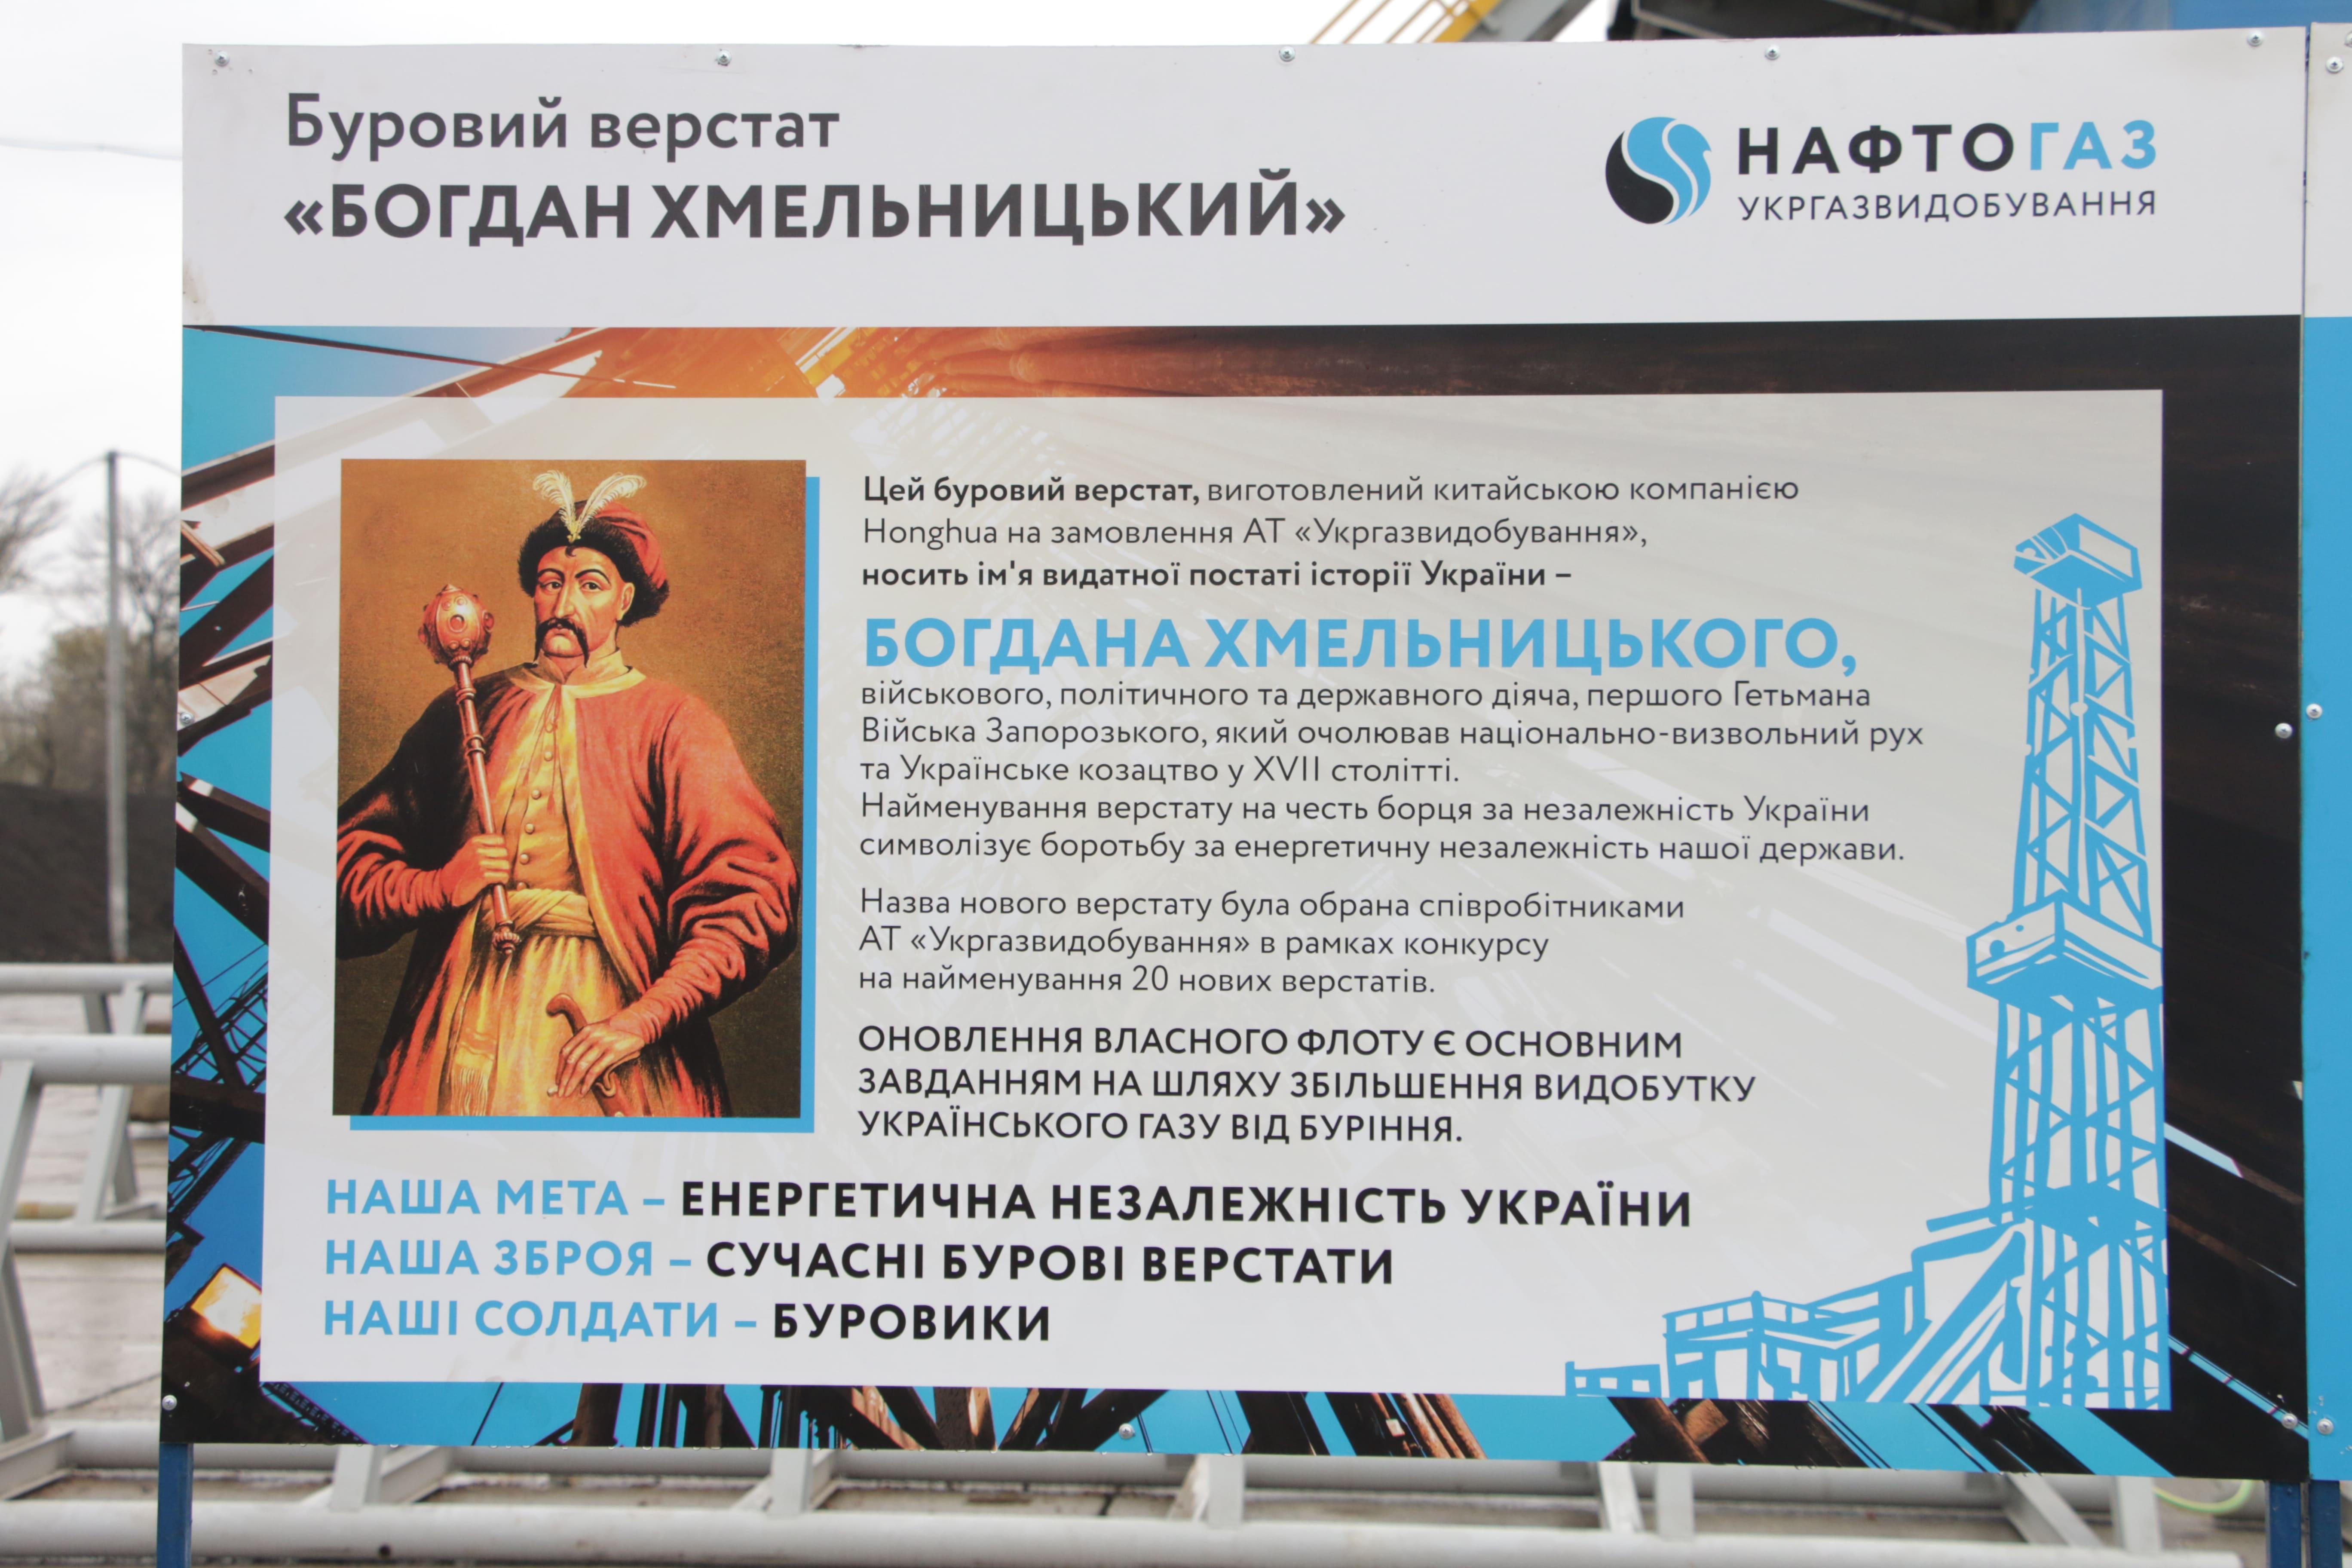 Богдан Хмельницький.jpg